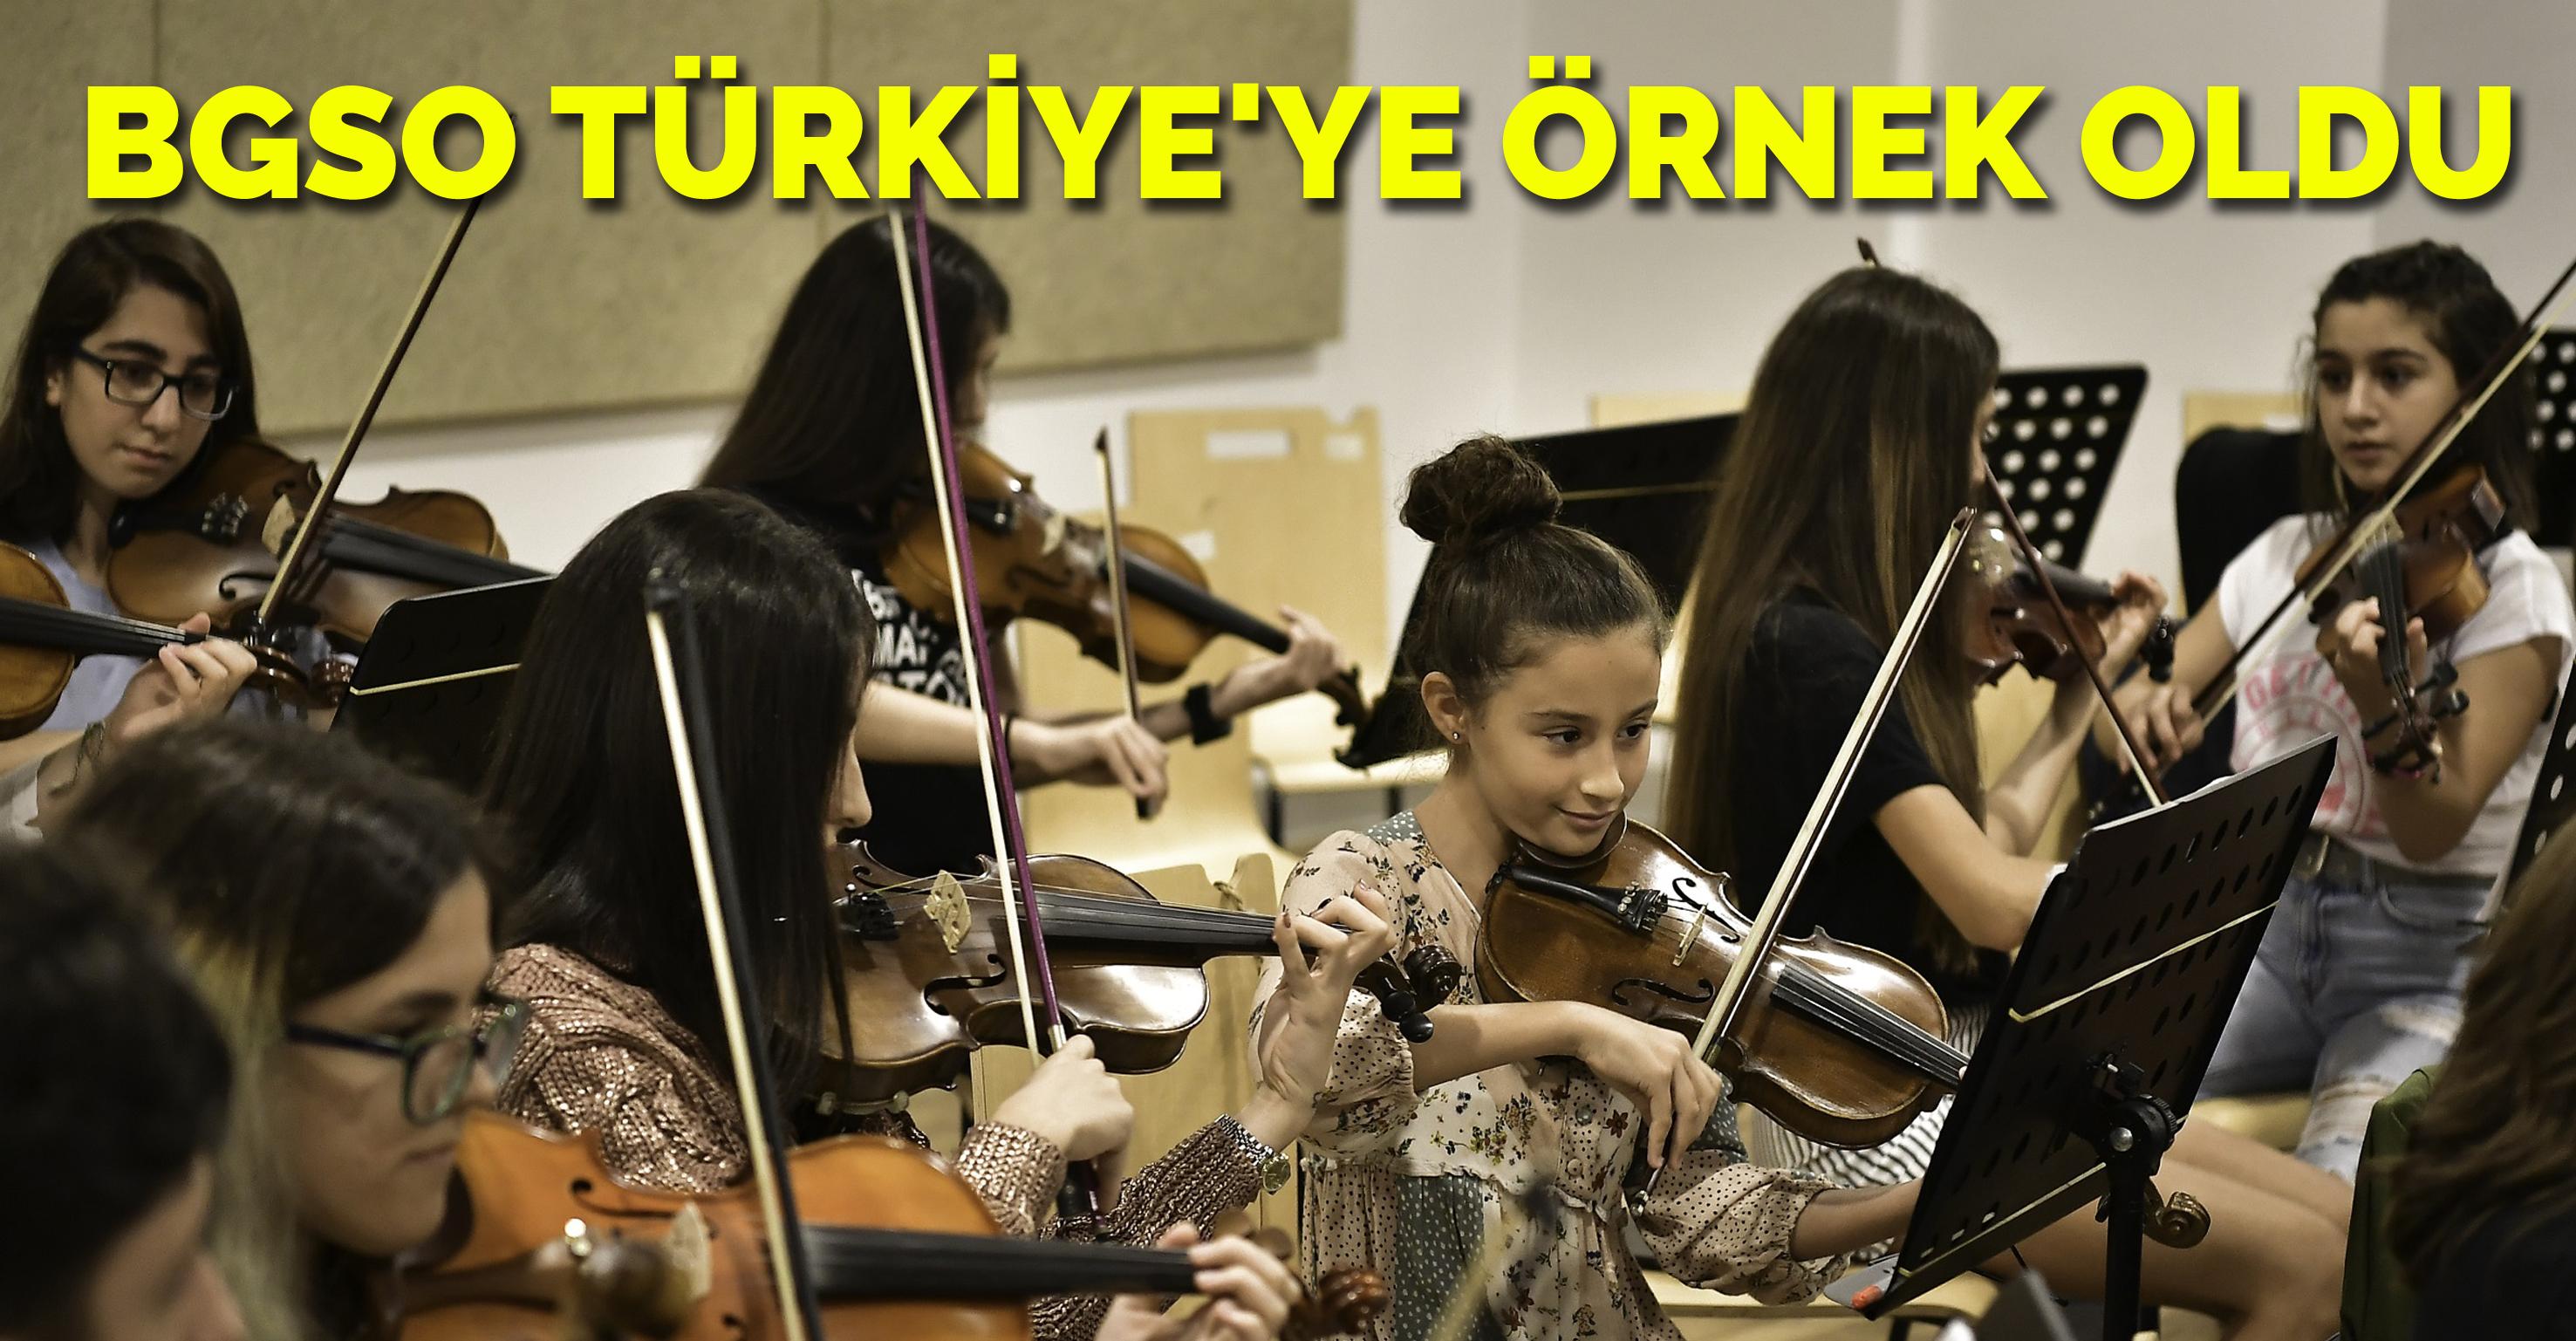 BGSO Türkiye'ye örnek oldu